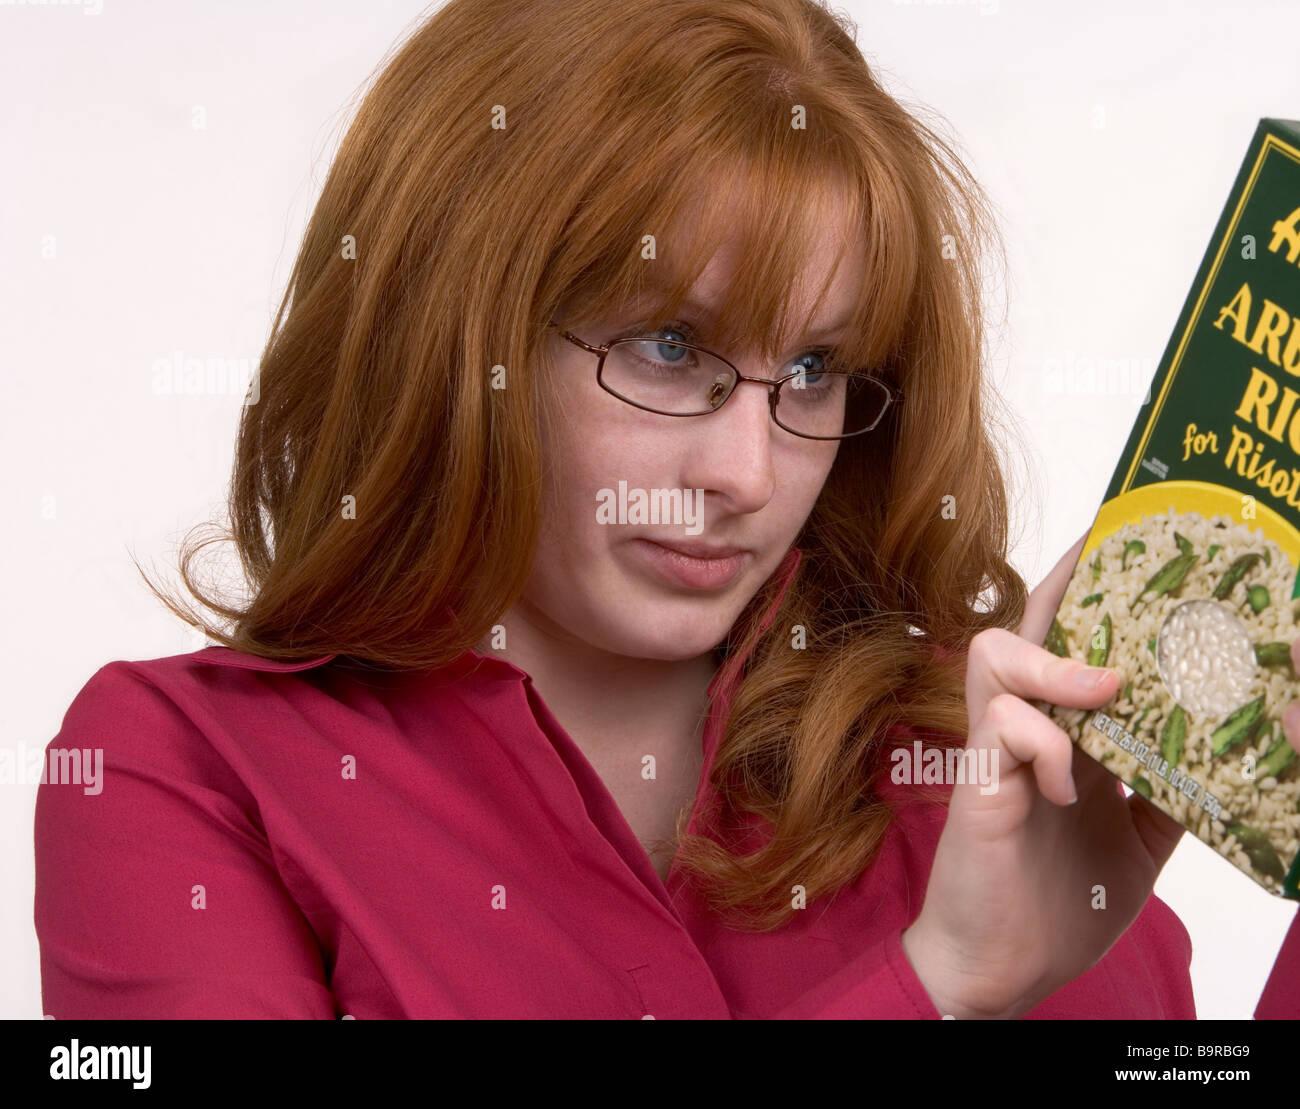 Eine Frau sorgfältig liest die Produktinformationen auf einem Lebensmittelpaket Stockbild